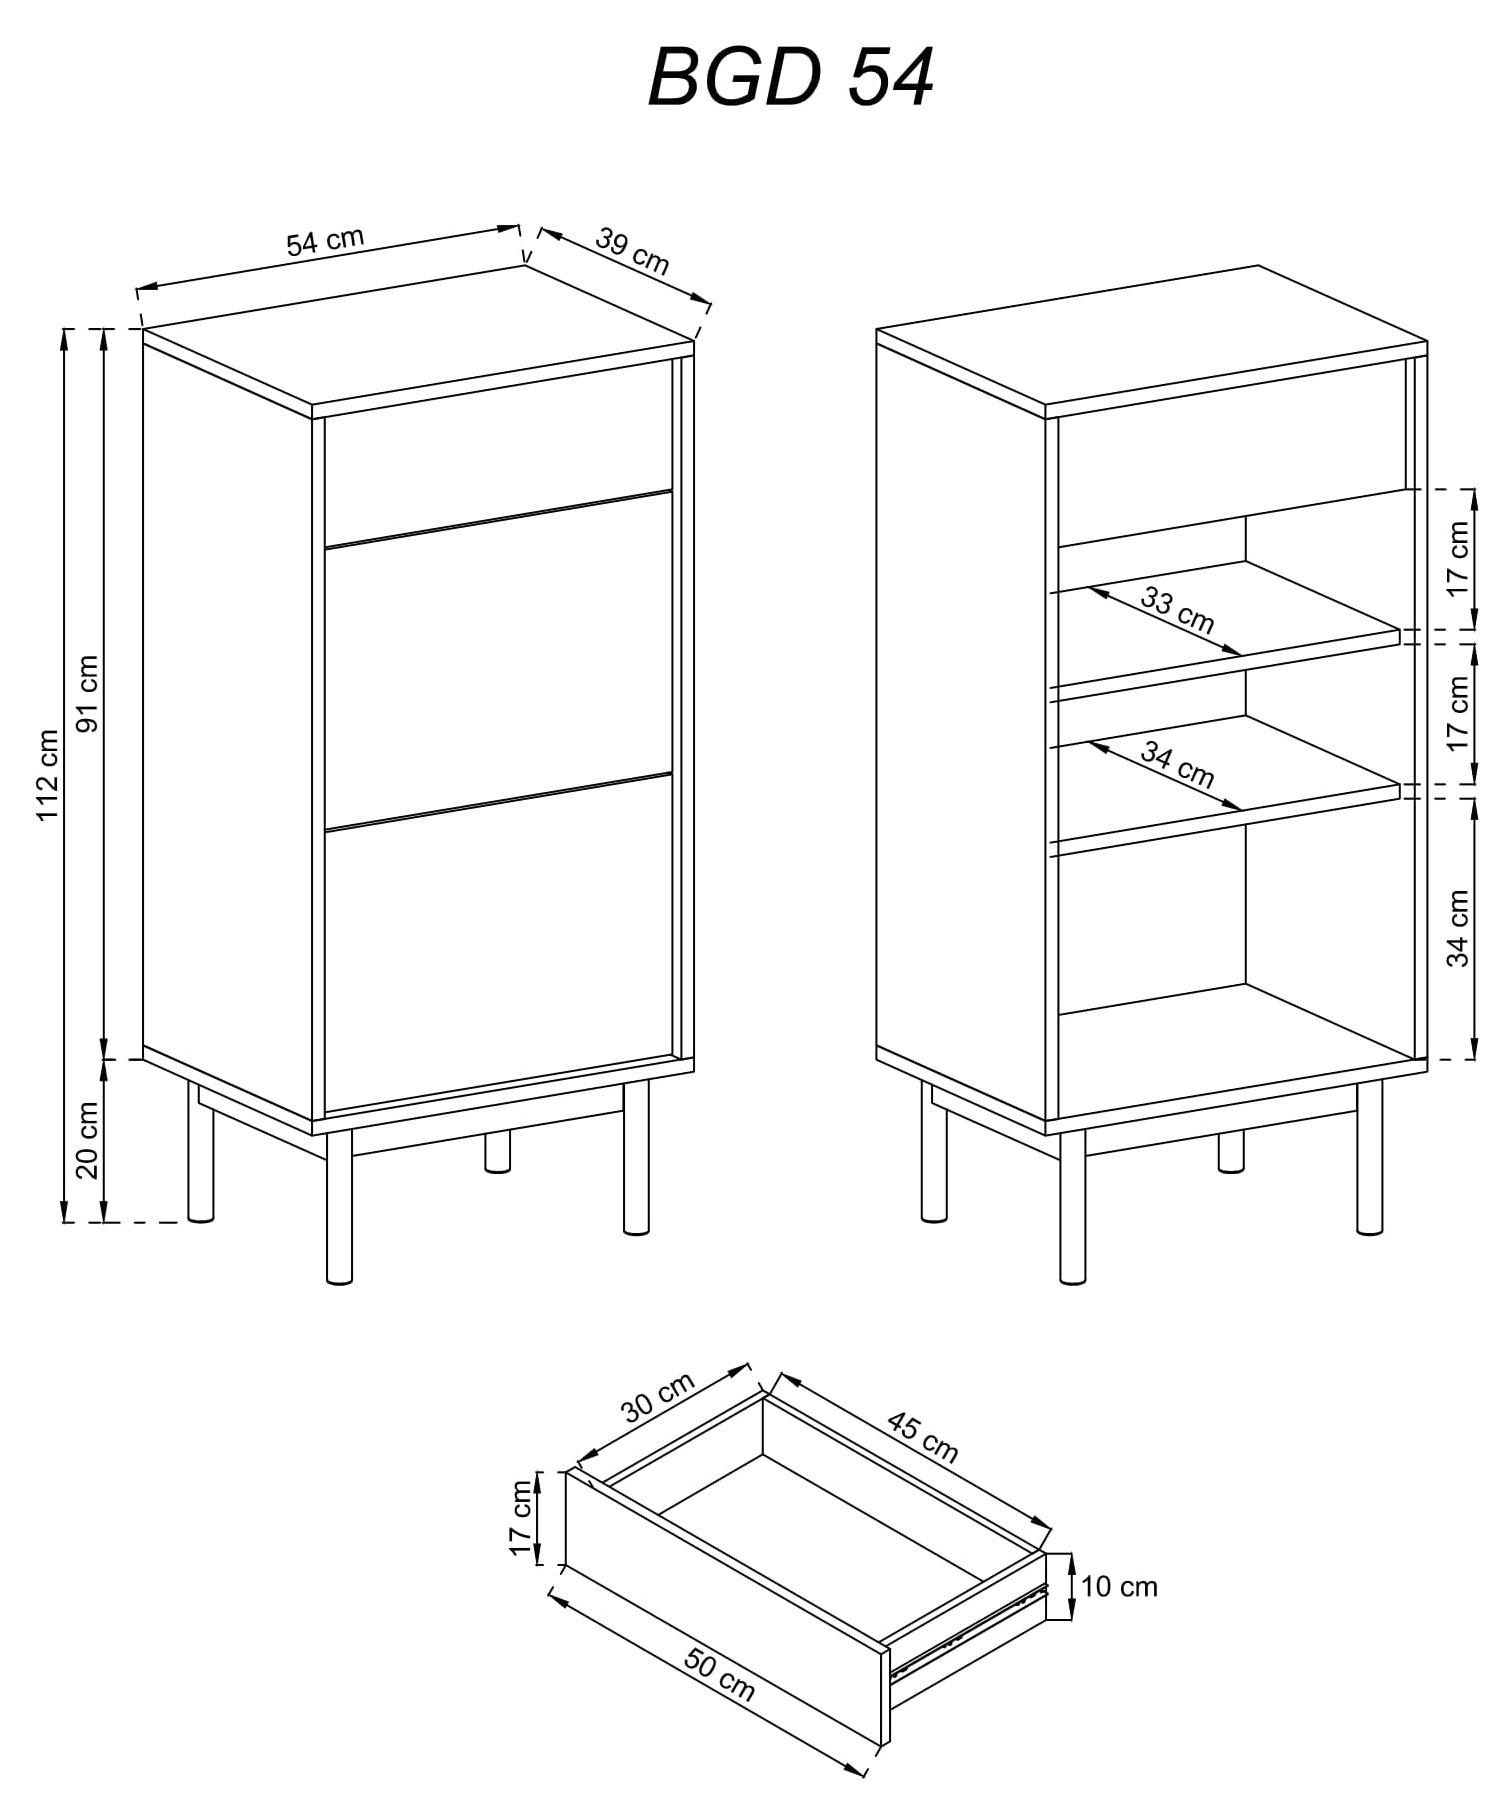 BASIC BGD 54-1.jpg